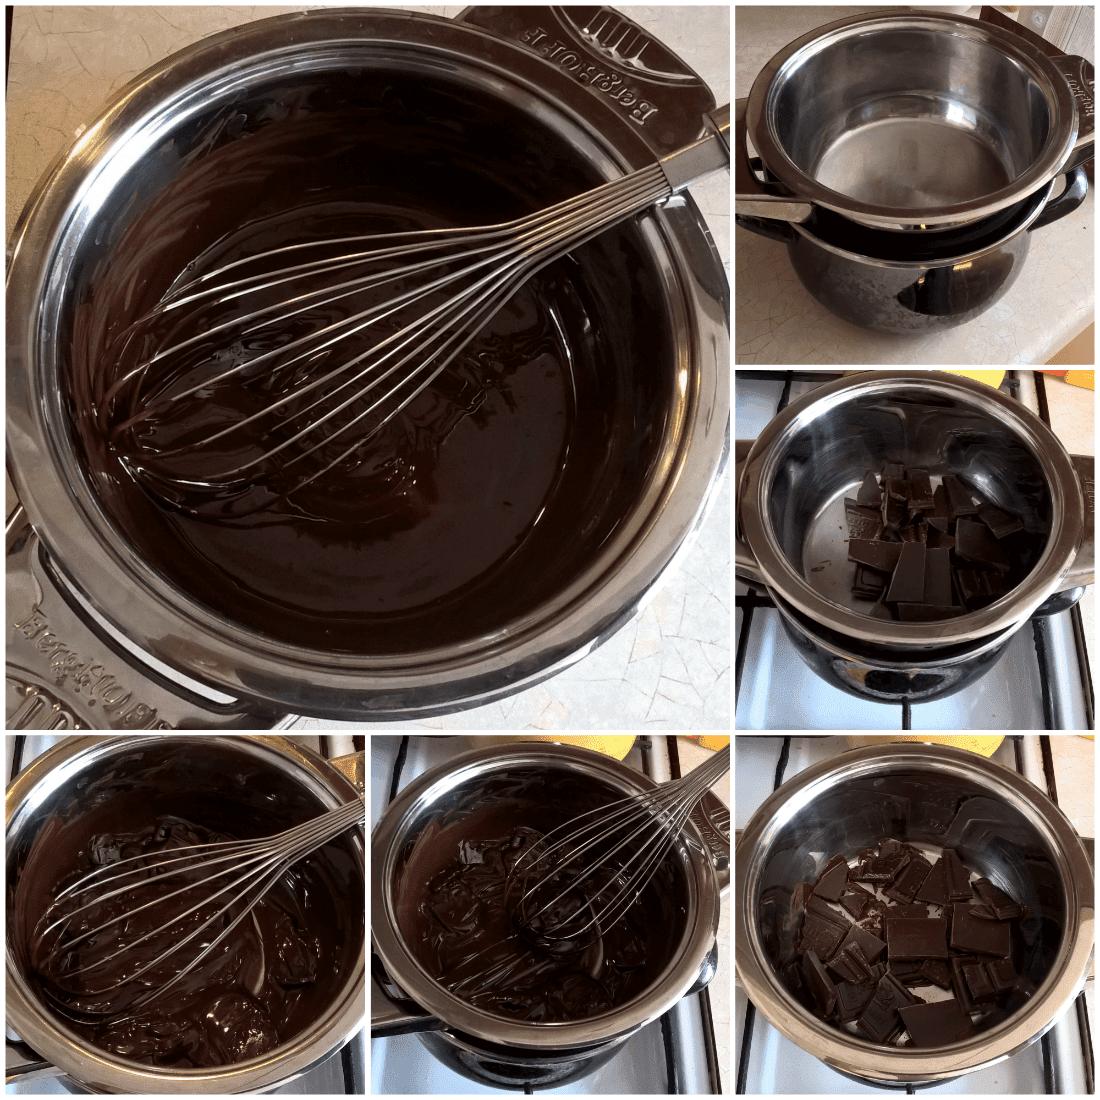 jak rozpuścić czekoladę wkąpieli wodnej